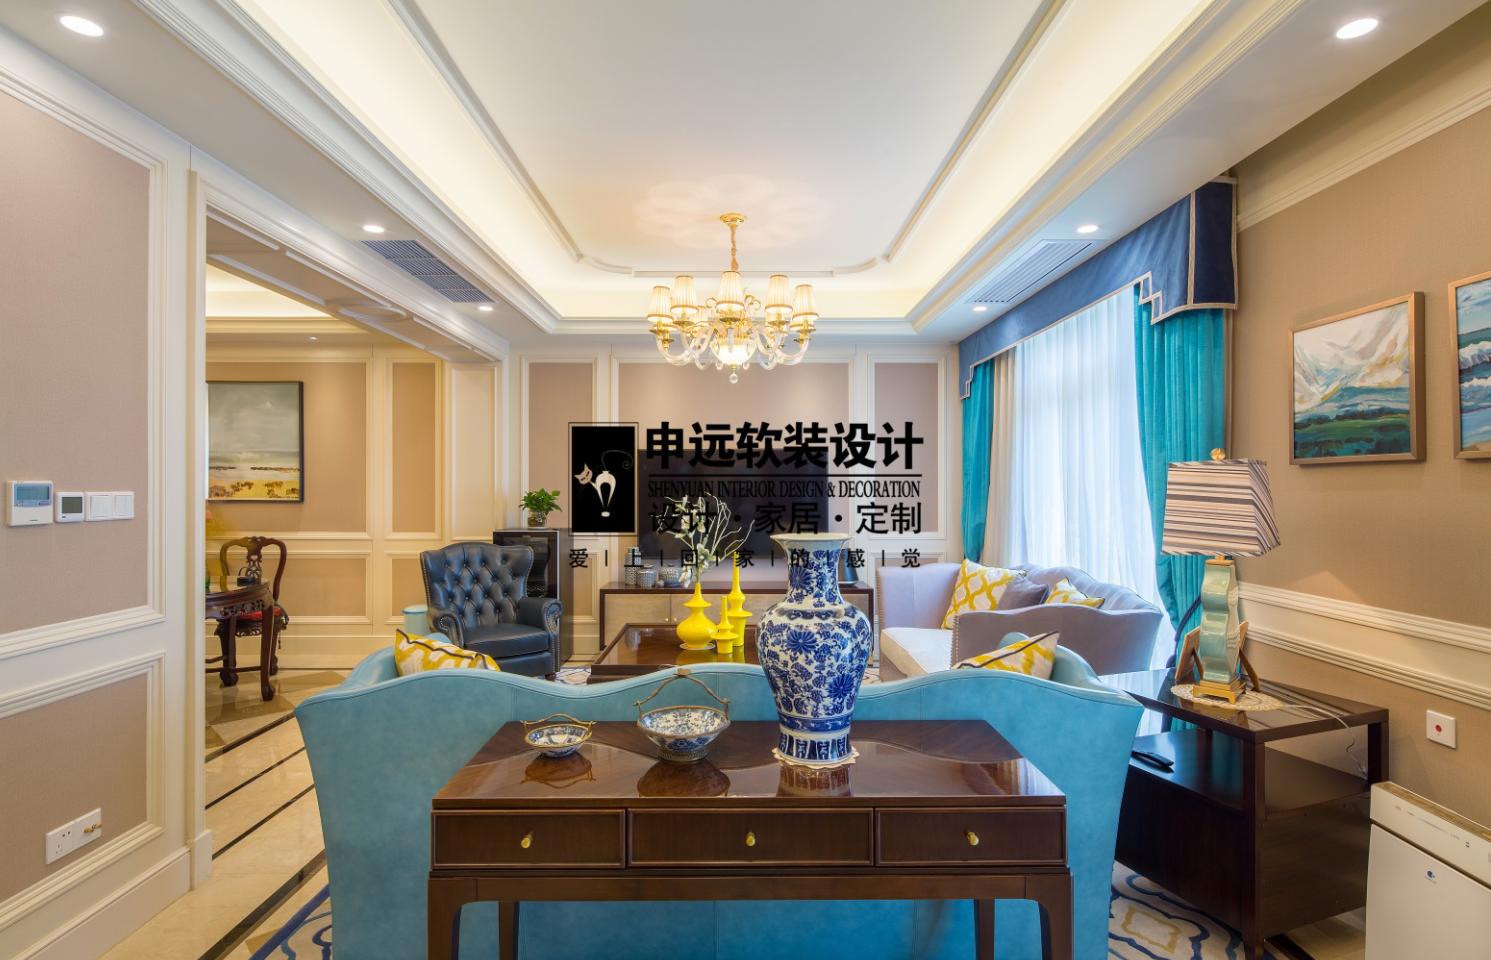 别墅 北京申远 申远空间 混搭 别墅装修 客厅图片来自申远空间设计北京分公司在北京申远空间设计-实景拍摄的分享